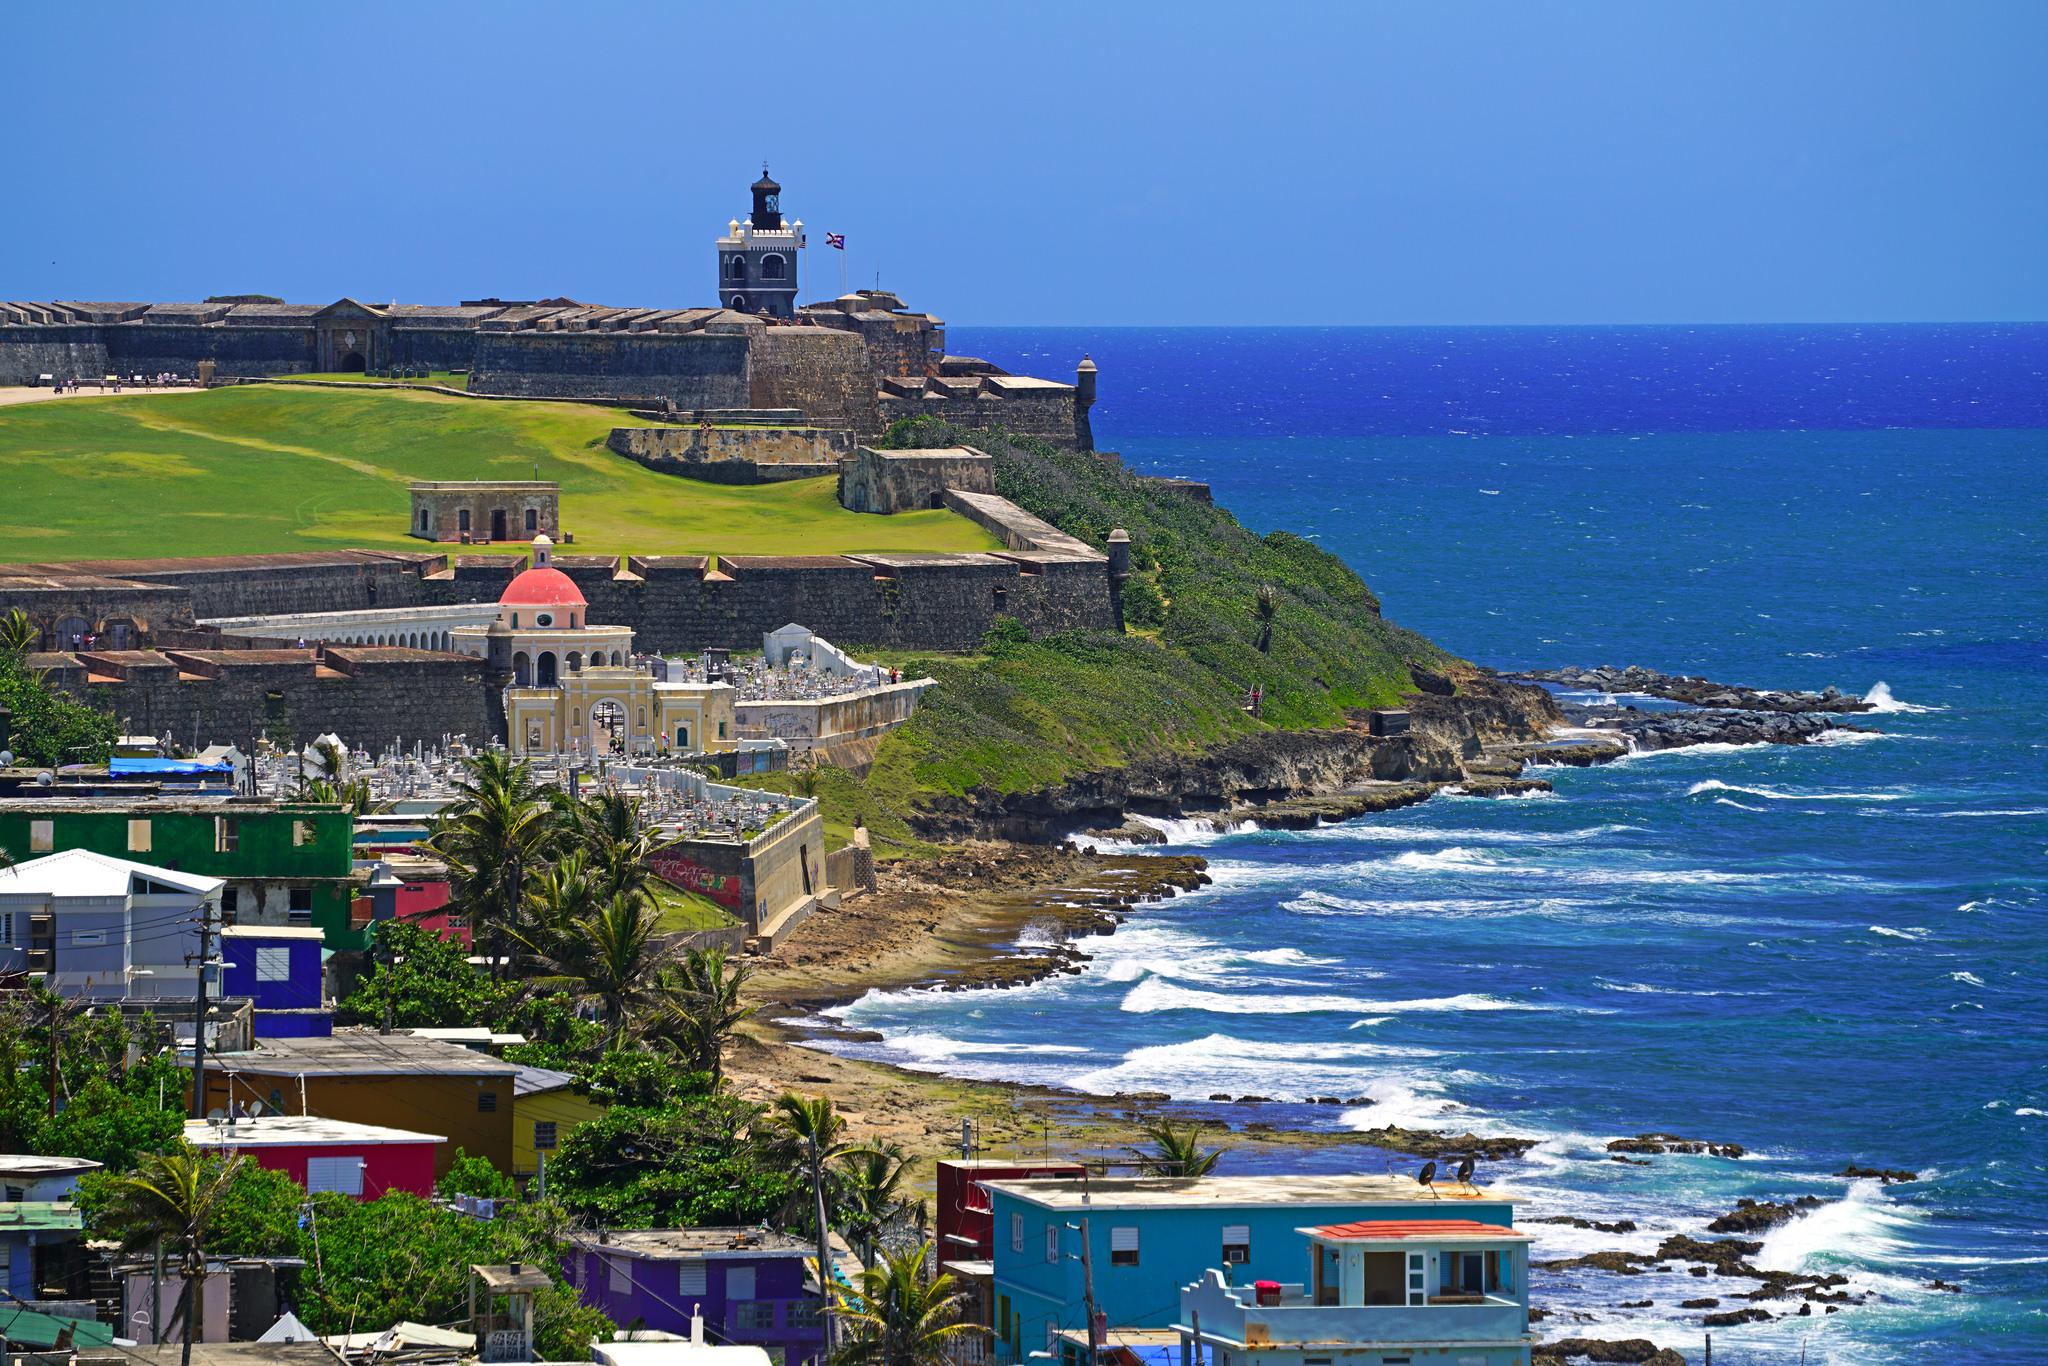 Puerto Rico Honeymoon Packages